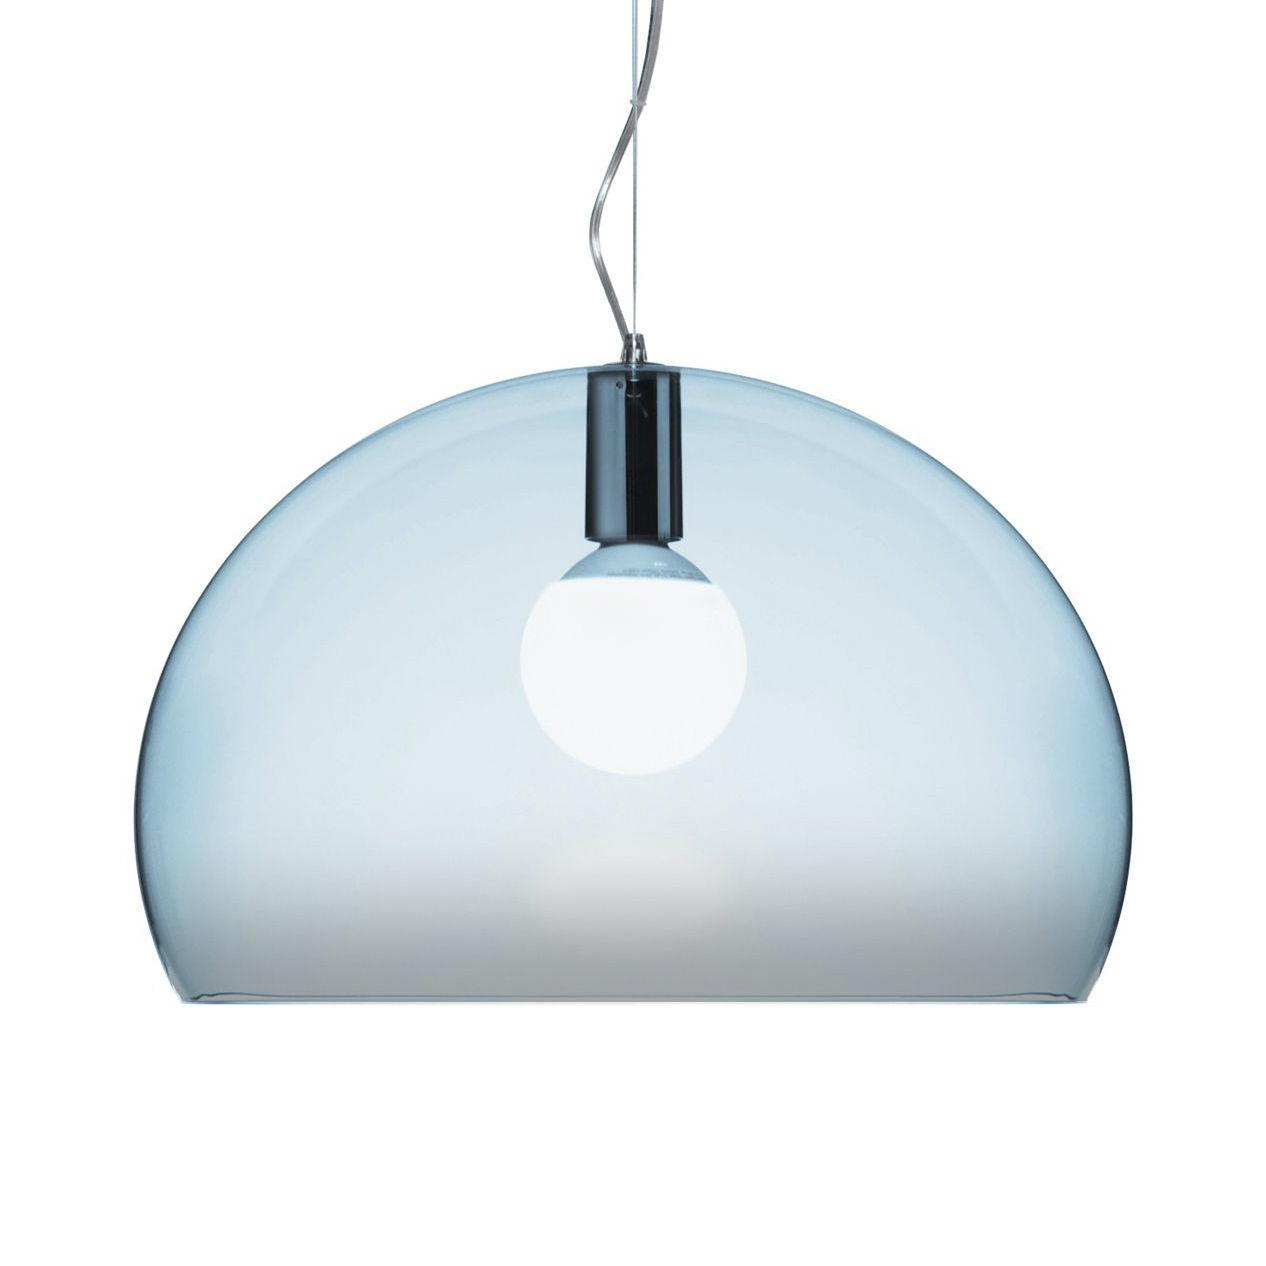 Suspension lamp FL / Y Small - Ø 38 cm Parma Blue Kartell Ferruccio Laviani 1